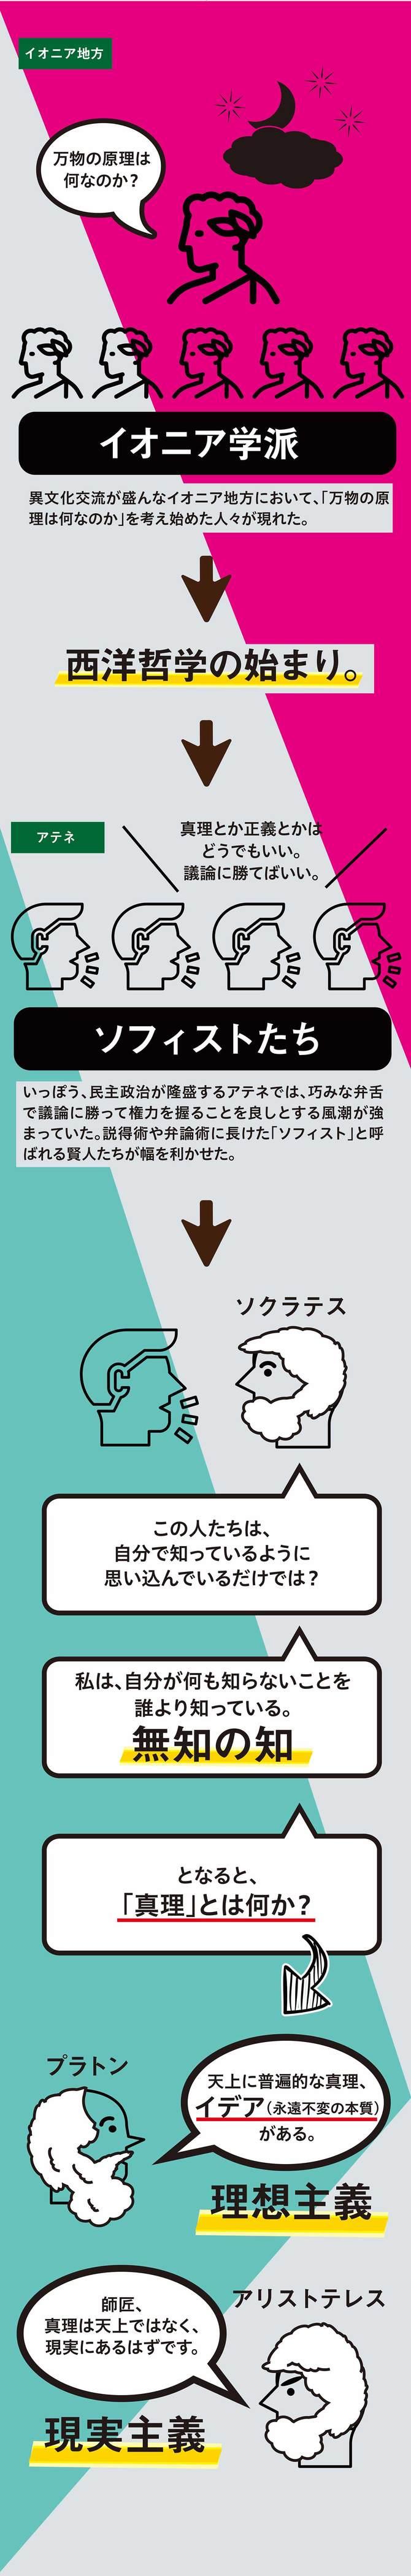 哲学者は何を語ってきたか(2)